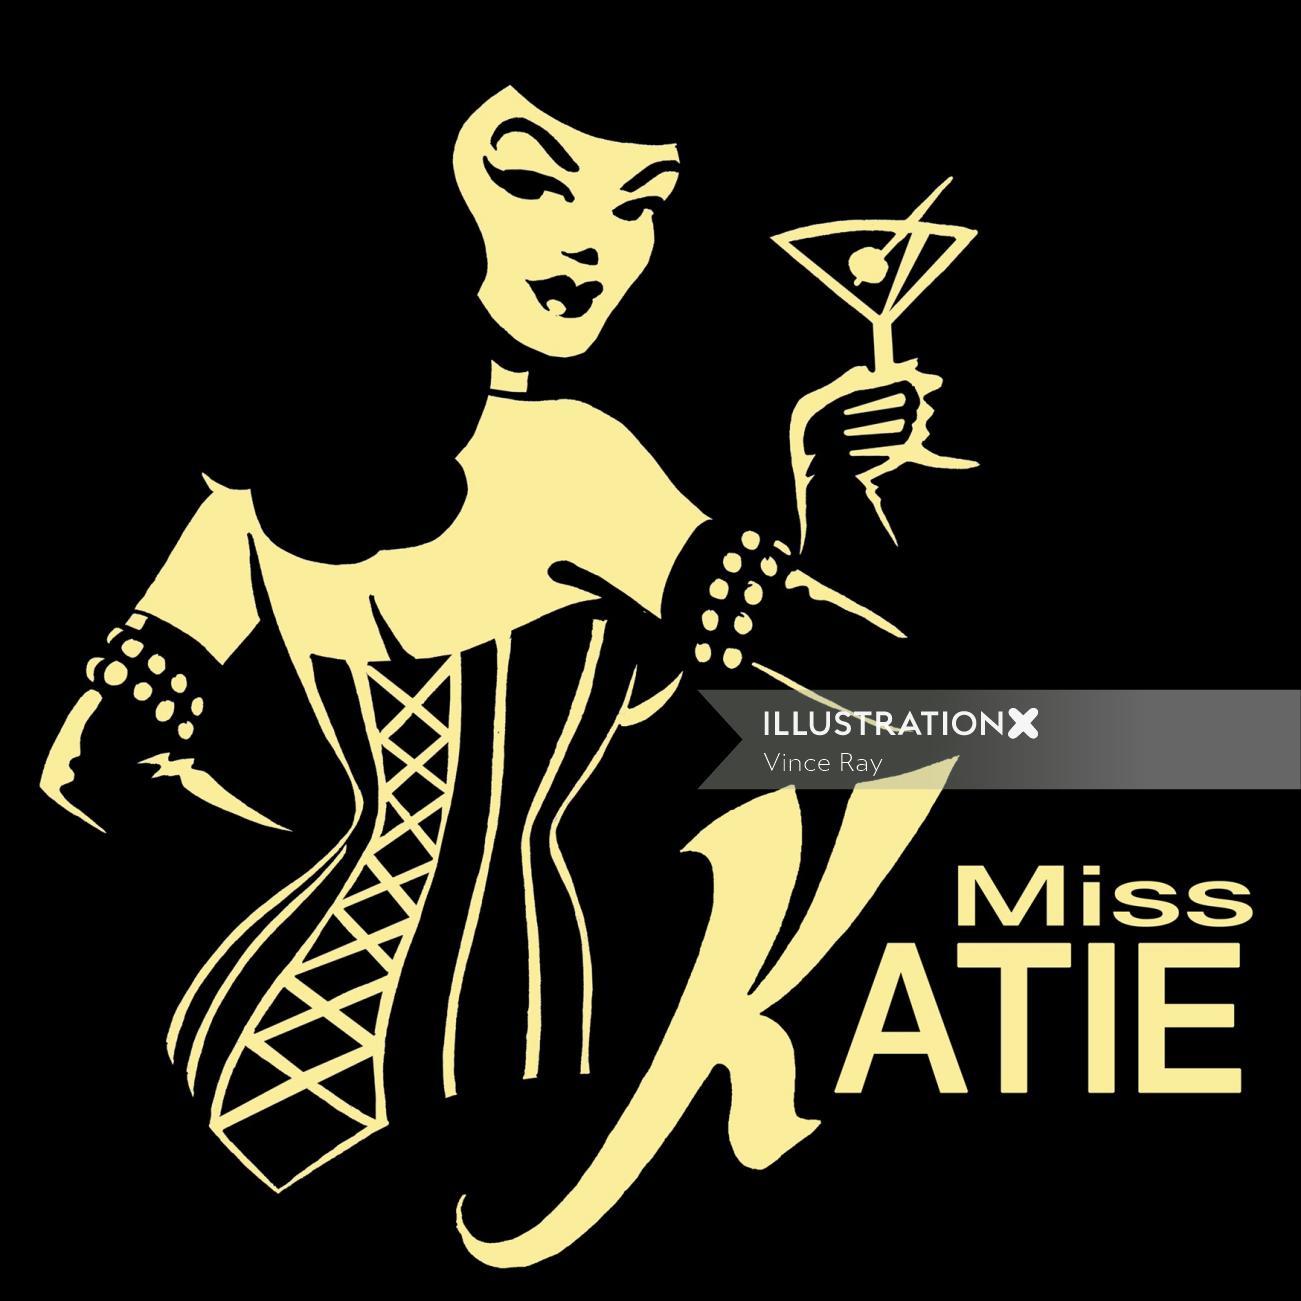 Miss Katie character design